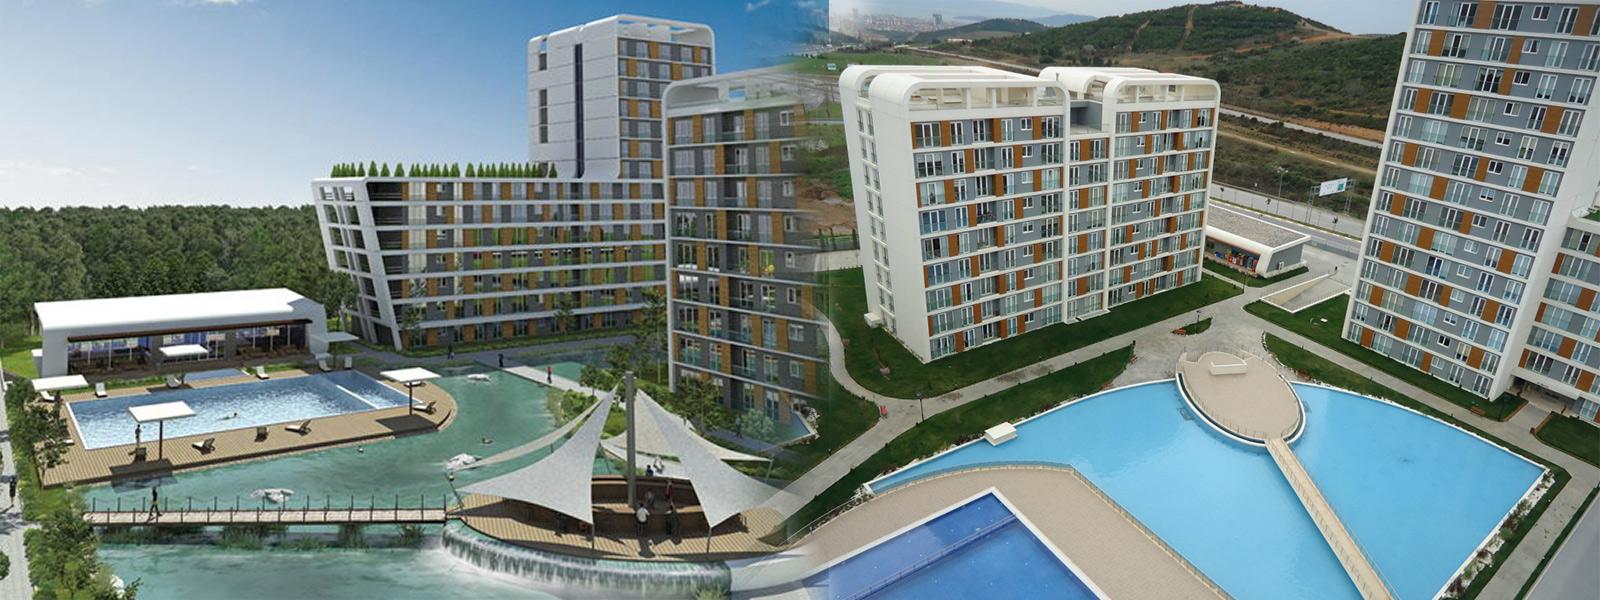 Evora-Park-İstanbul-Isı-Yalıtım-Mantolama-Sleid-1